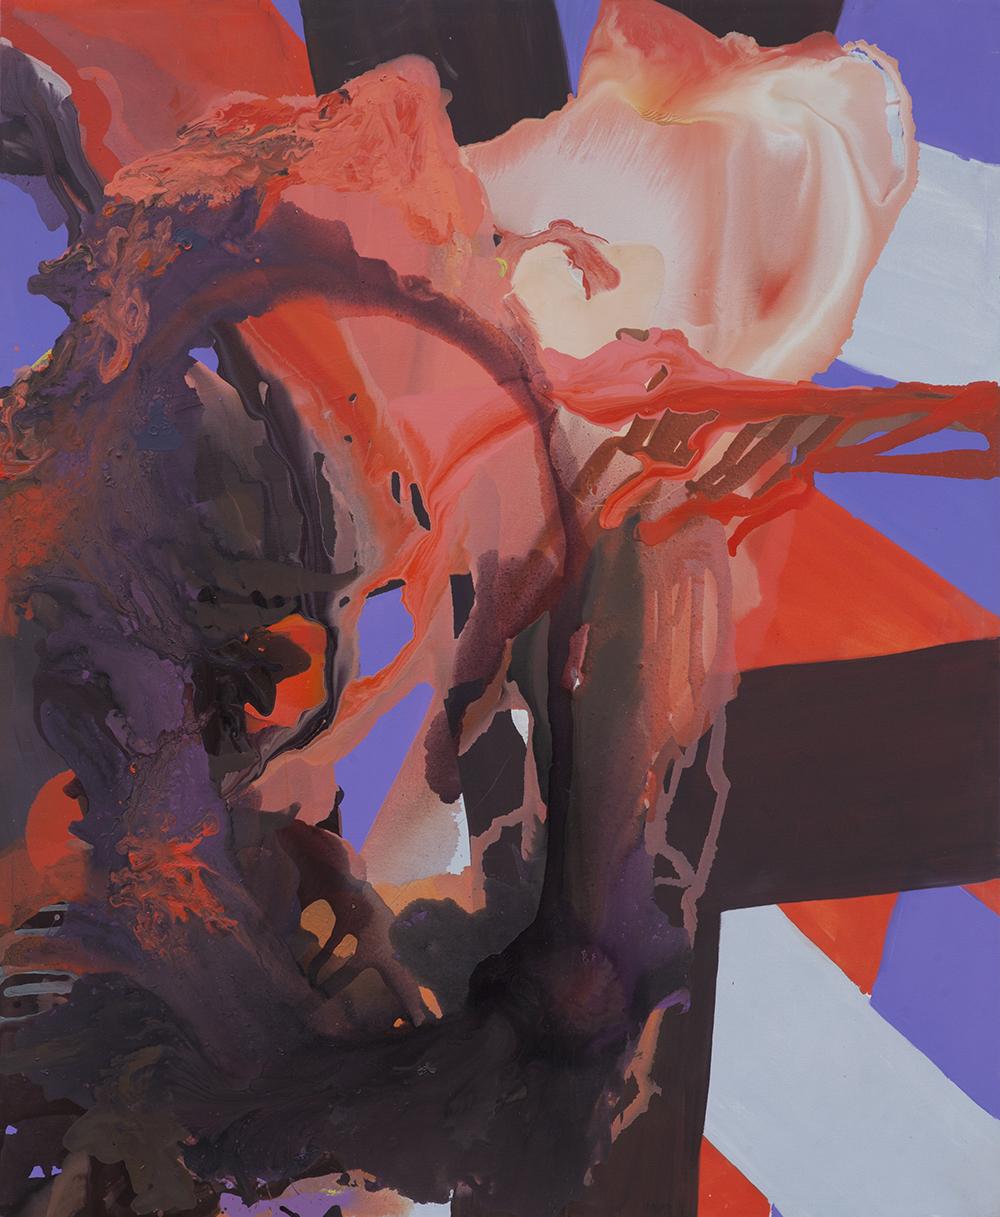 """Jarosław Fliciński, """"Everything is here and now what?"""", 2012, 192 x 157,5 cm, akryl na płótnie; Esteval (źródło: materiały prasowe)"""